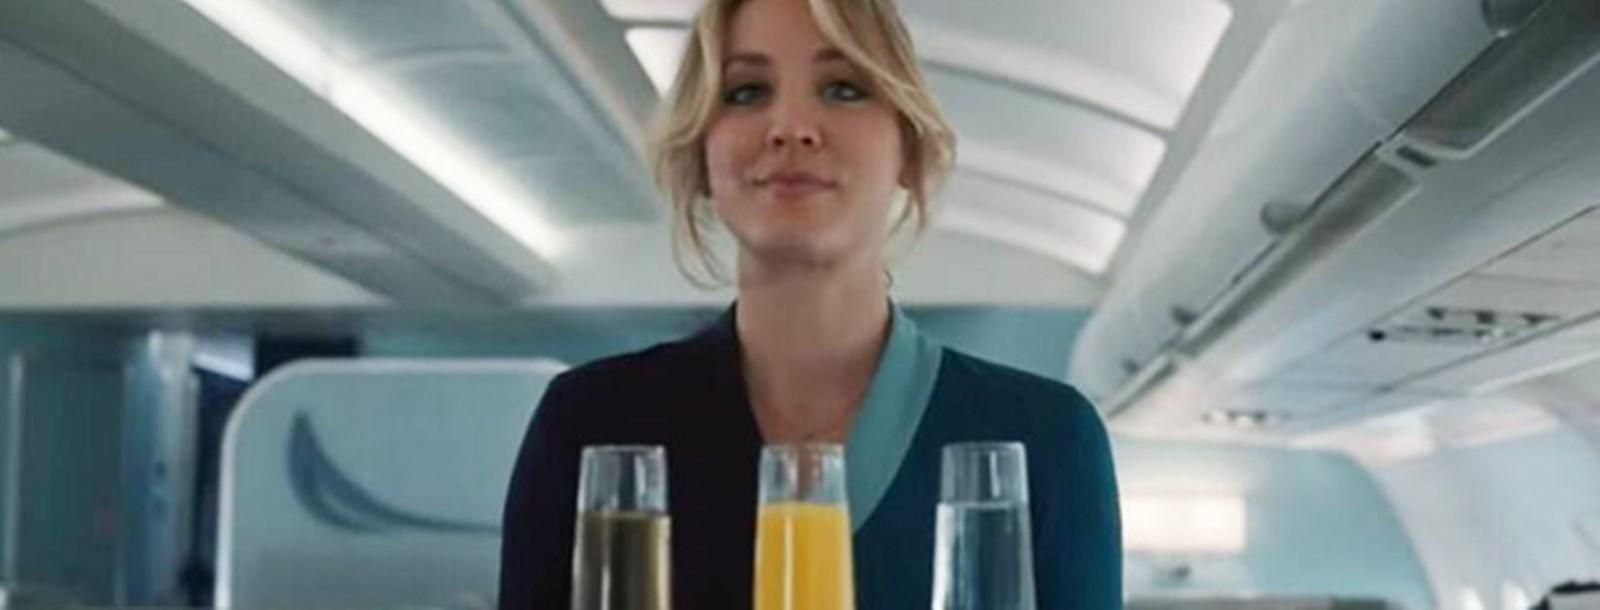 The Flight Attendant - Kaley Cuoco na HBO Max